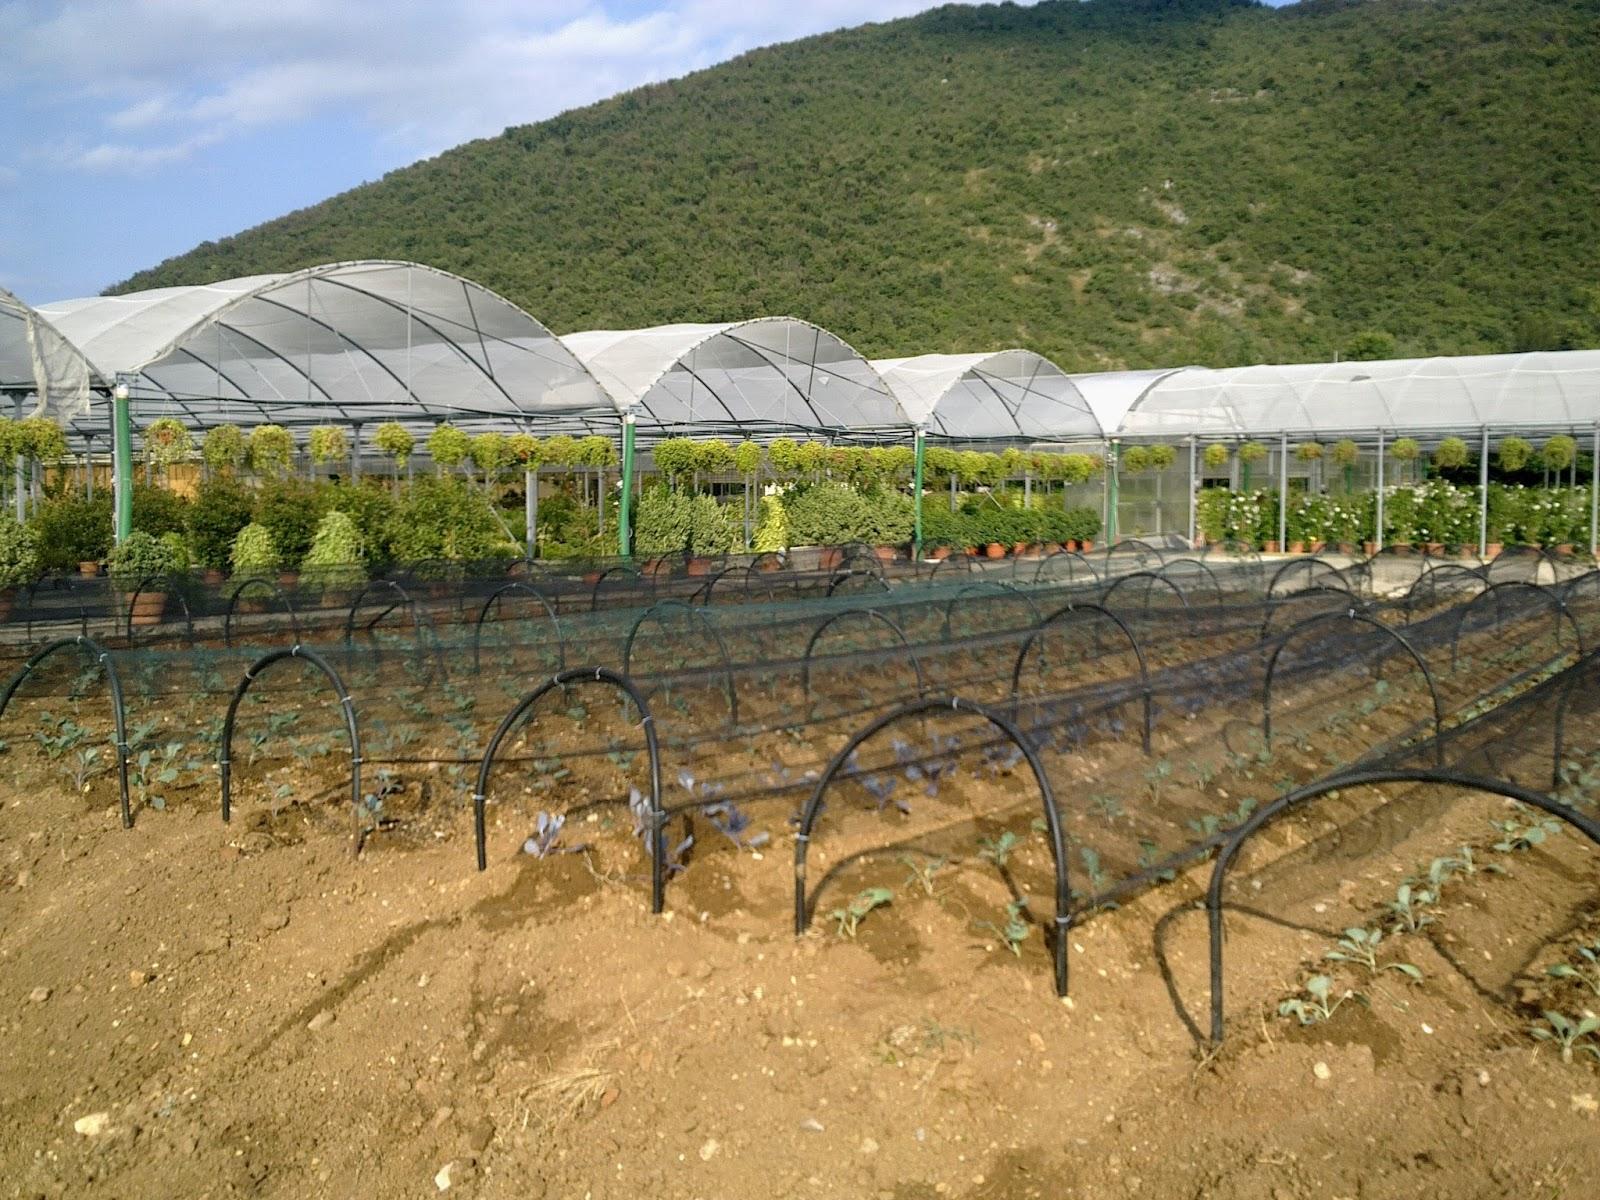 Azienda agricola nicola freri l 39 orto invernale for Orto invernale